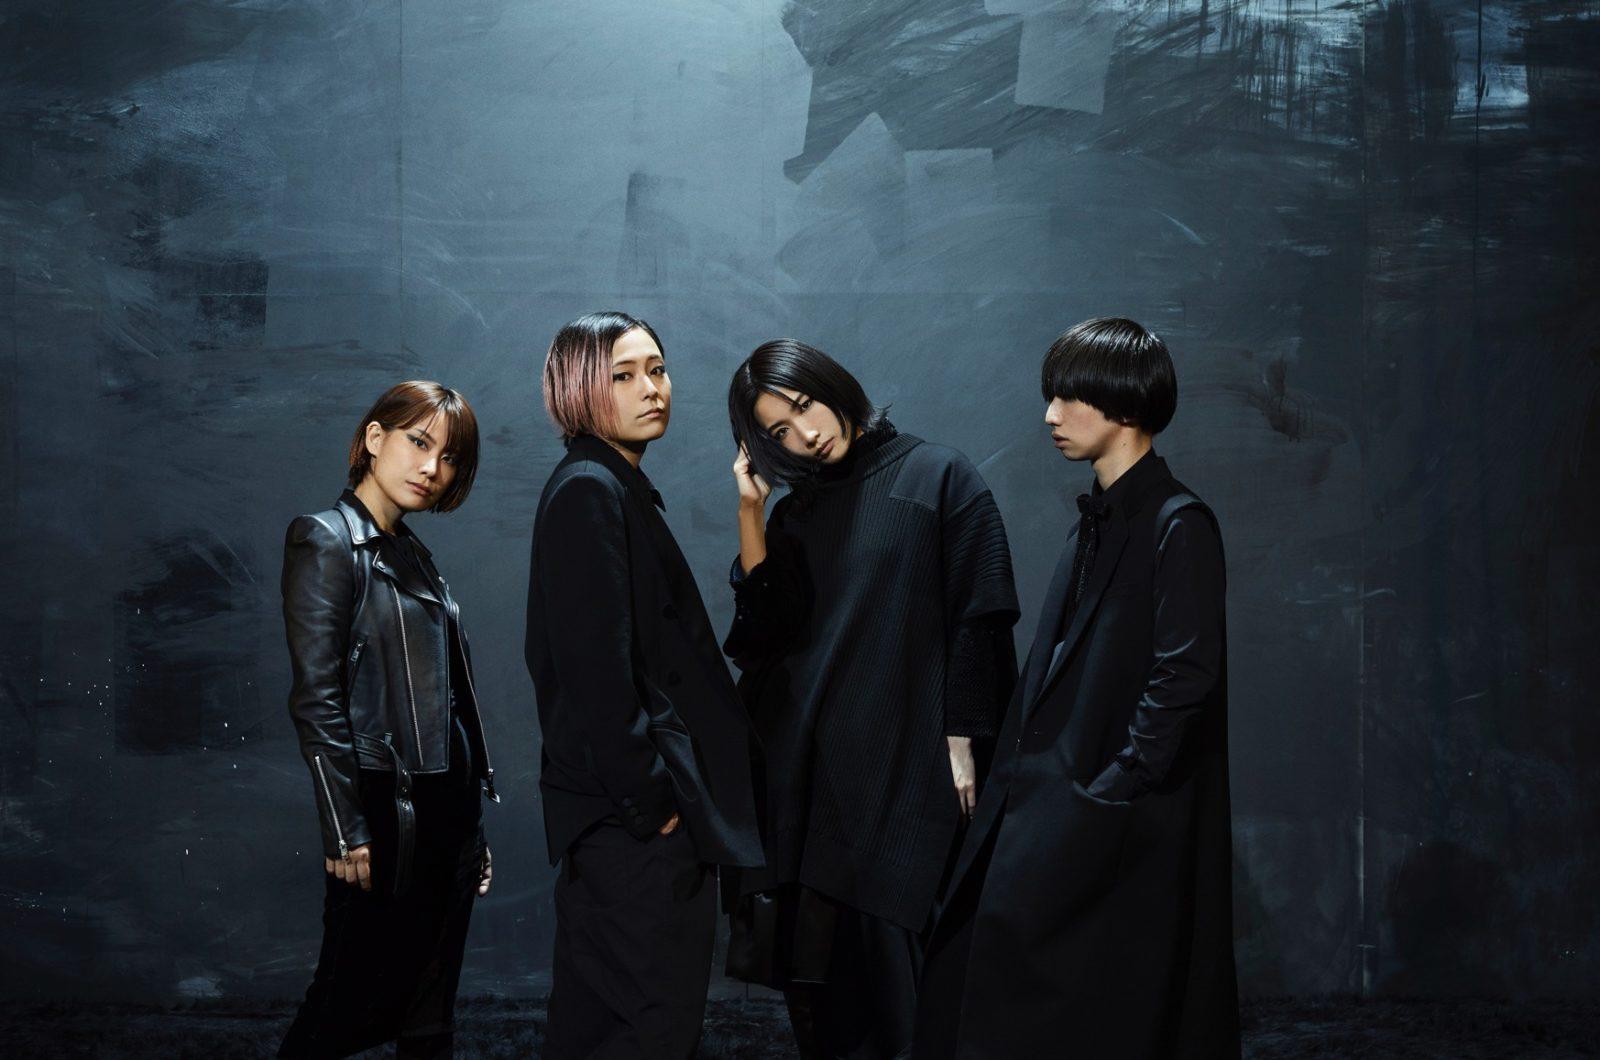 tricot、メジャー1stアルバム「真っ黒」のアートワークとアーティスト写真を公開サムネイル画像